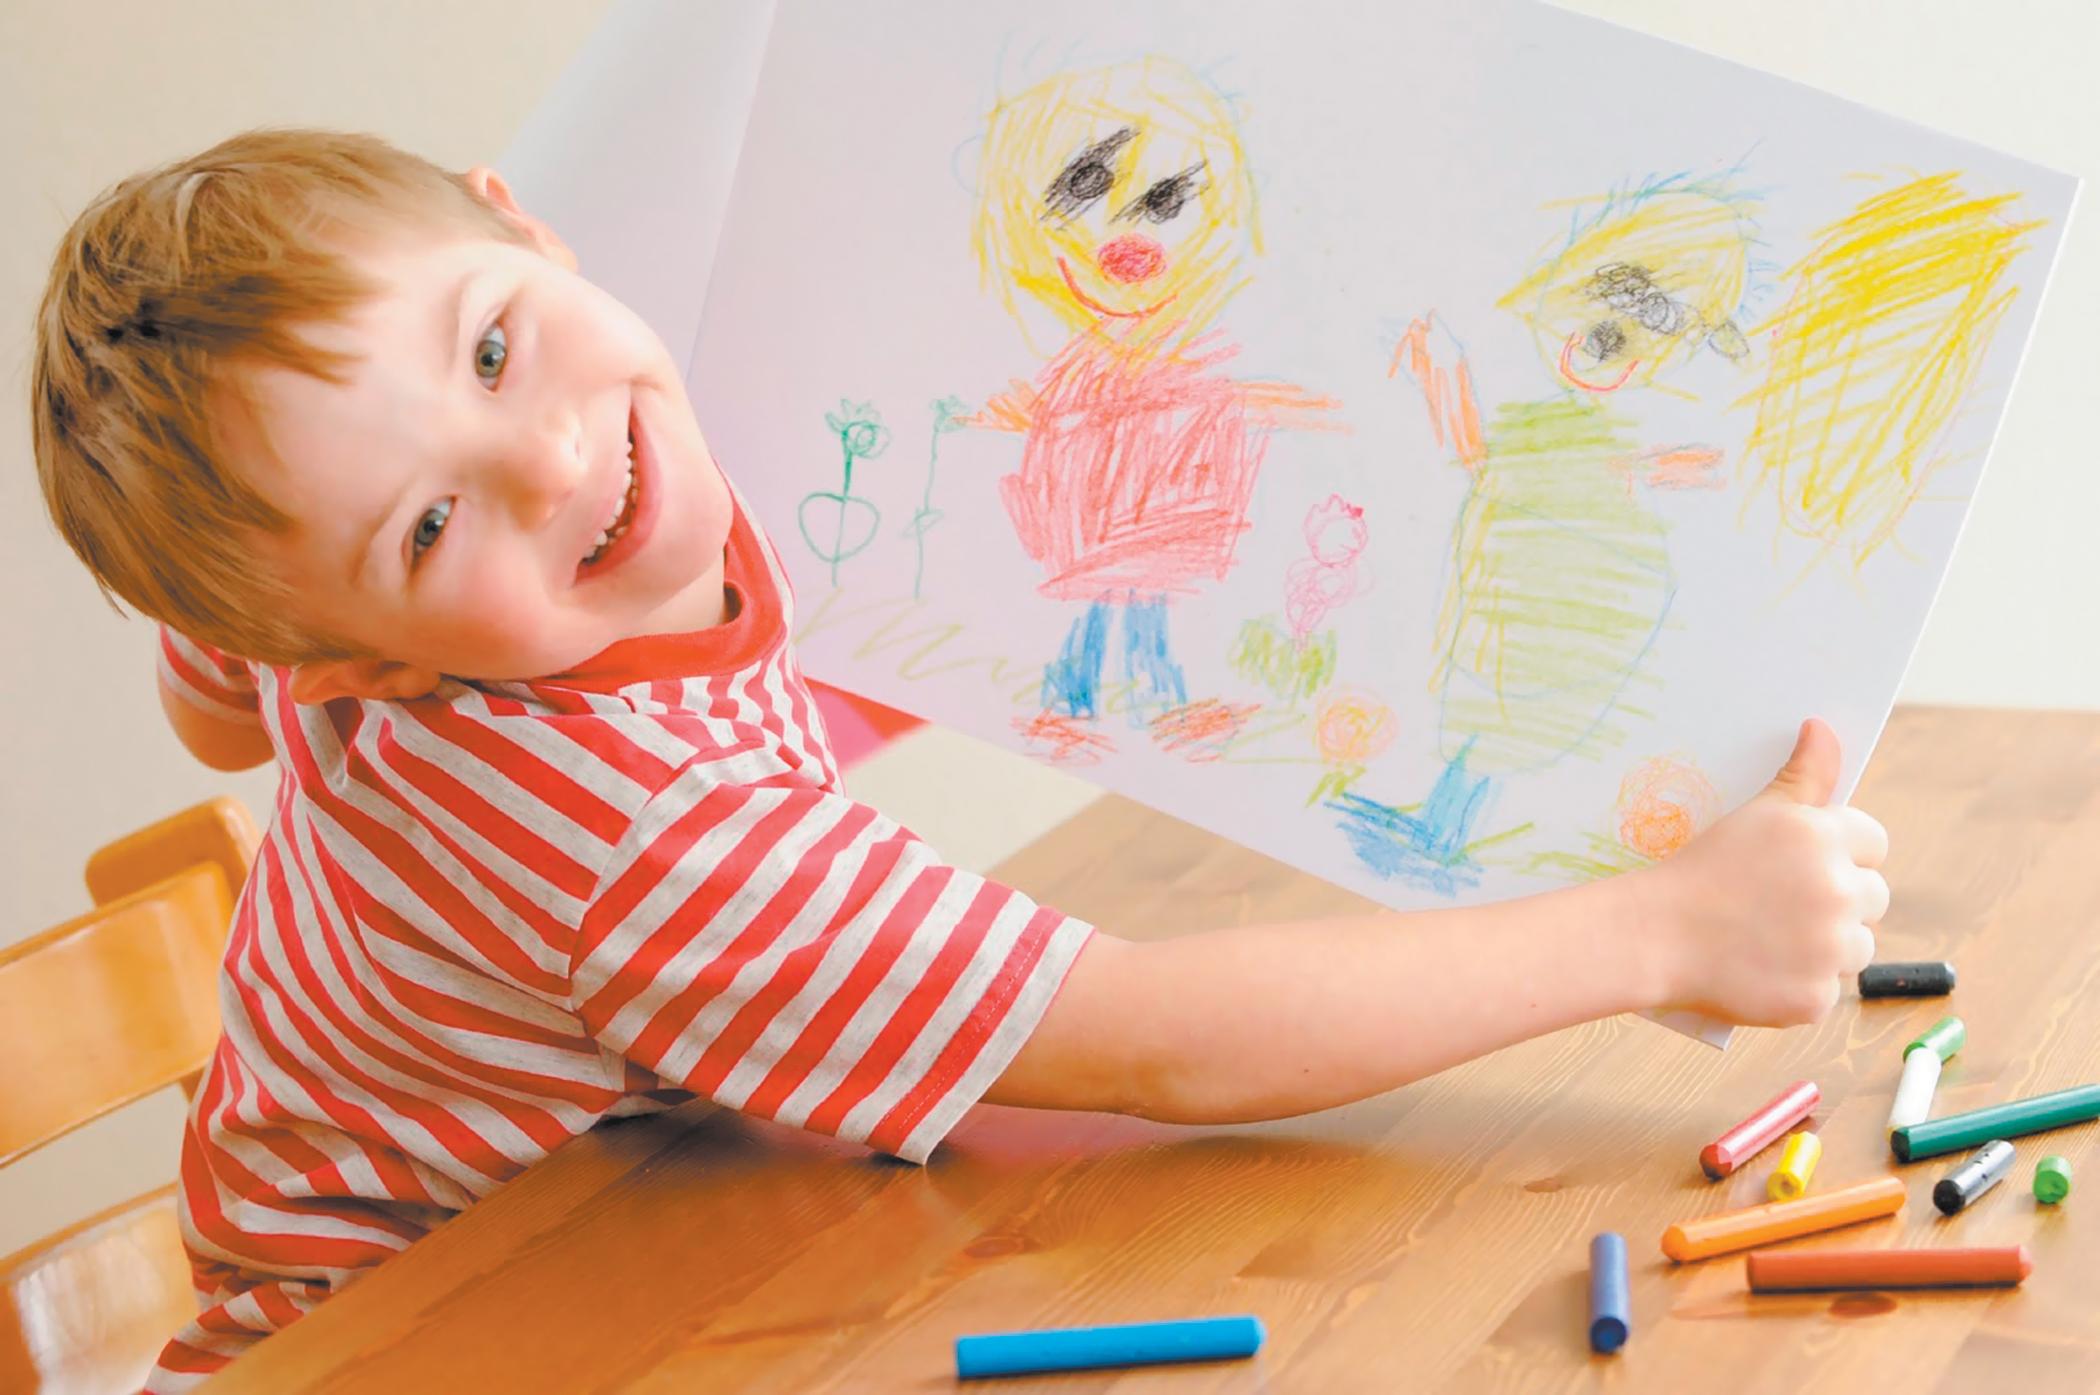 Ειδική Αγωγή: Συνεργασία Ειδικών με εκπαιδευτικούς και γονείς μαθητών με Ειδικές Ανάγκες